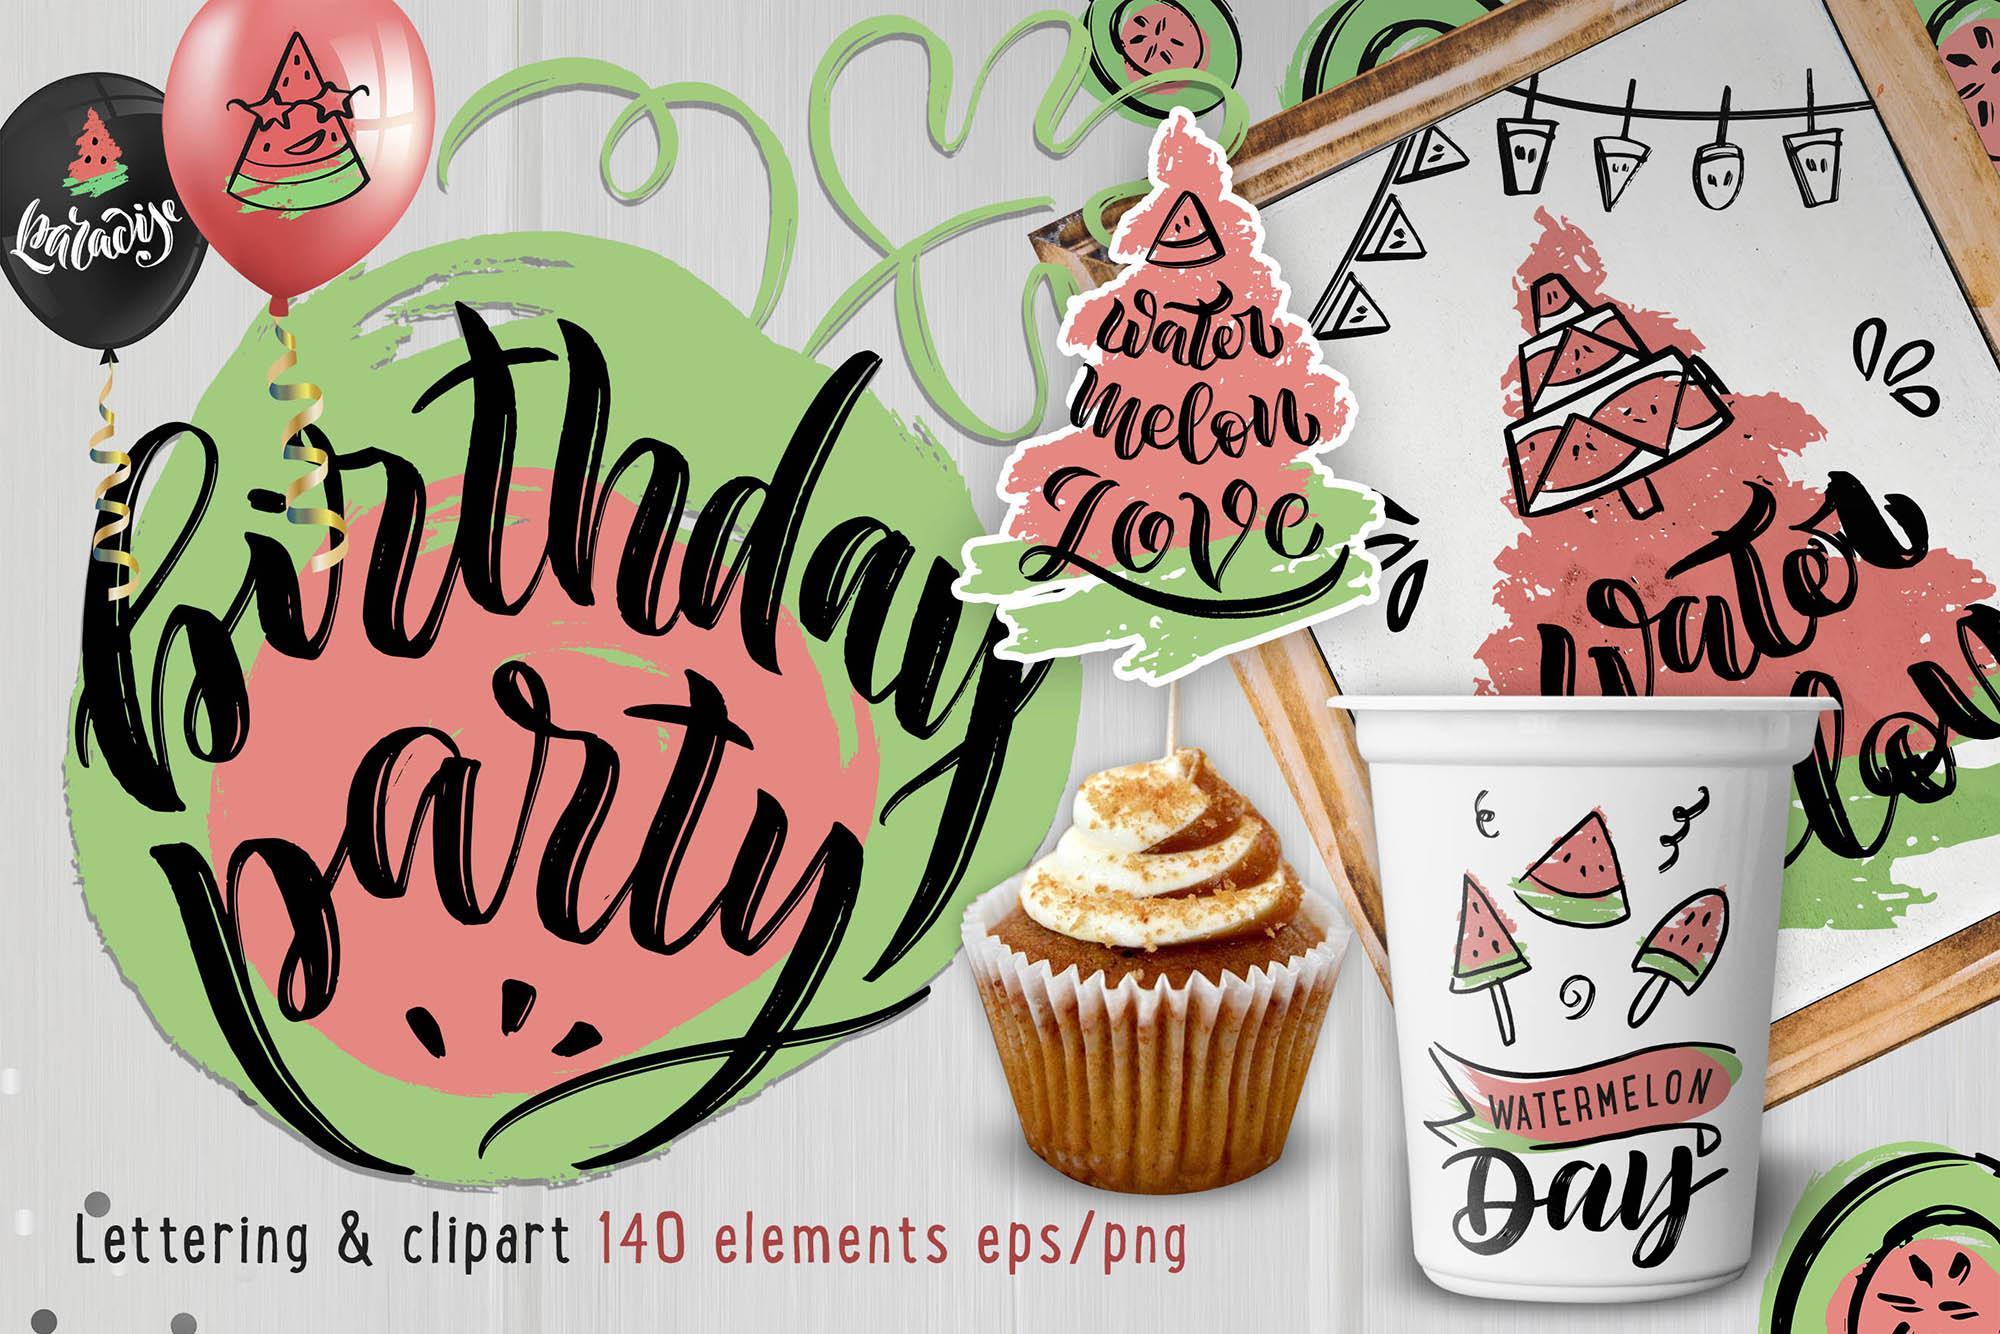 B-day celebration handlettered set example image 1